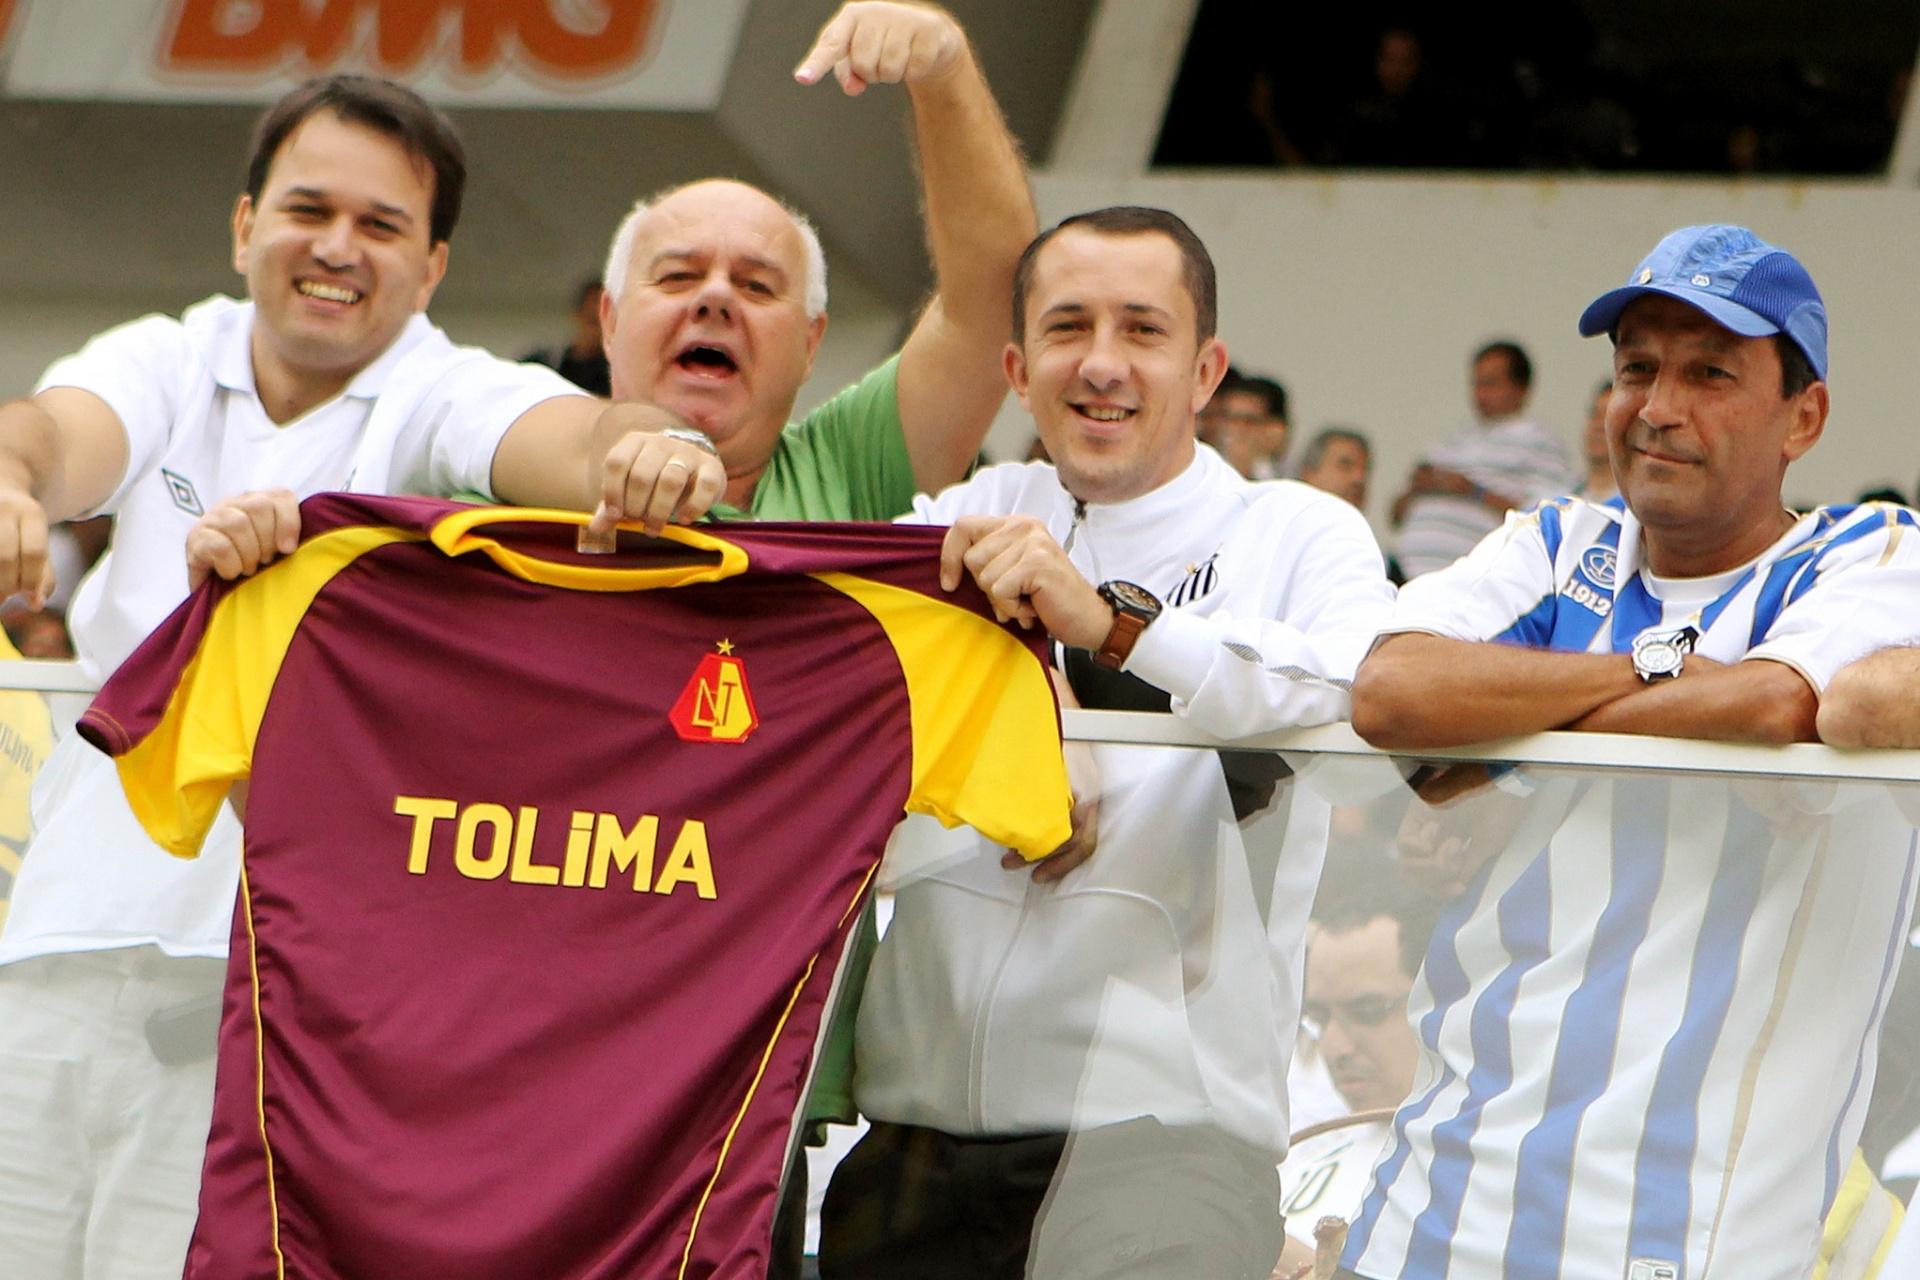 Torcedores do Santos exibem a camisa do Deportivo Tolima antes da final contra o Corinthians